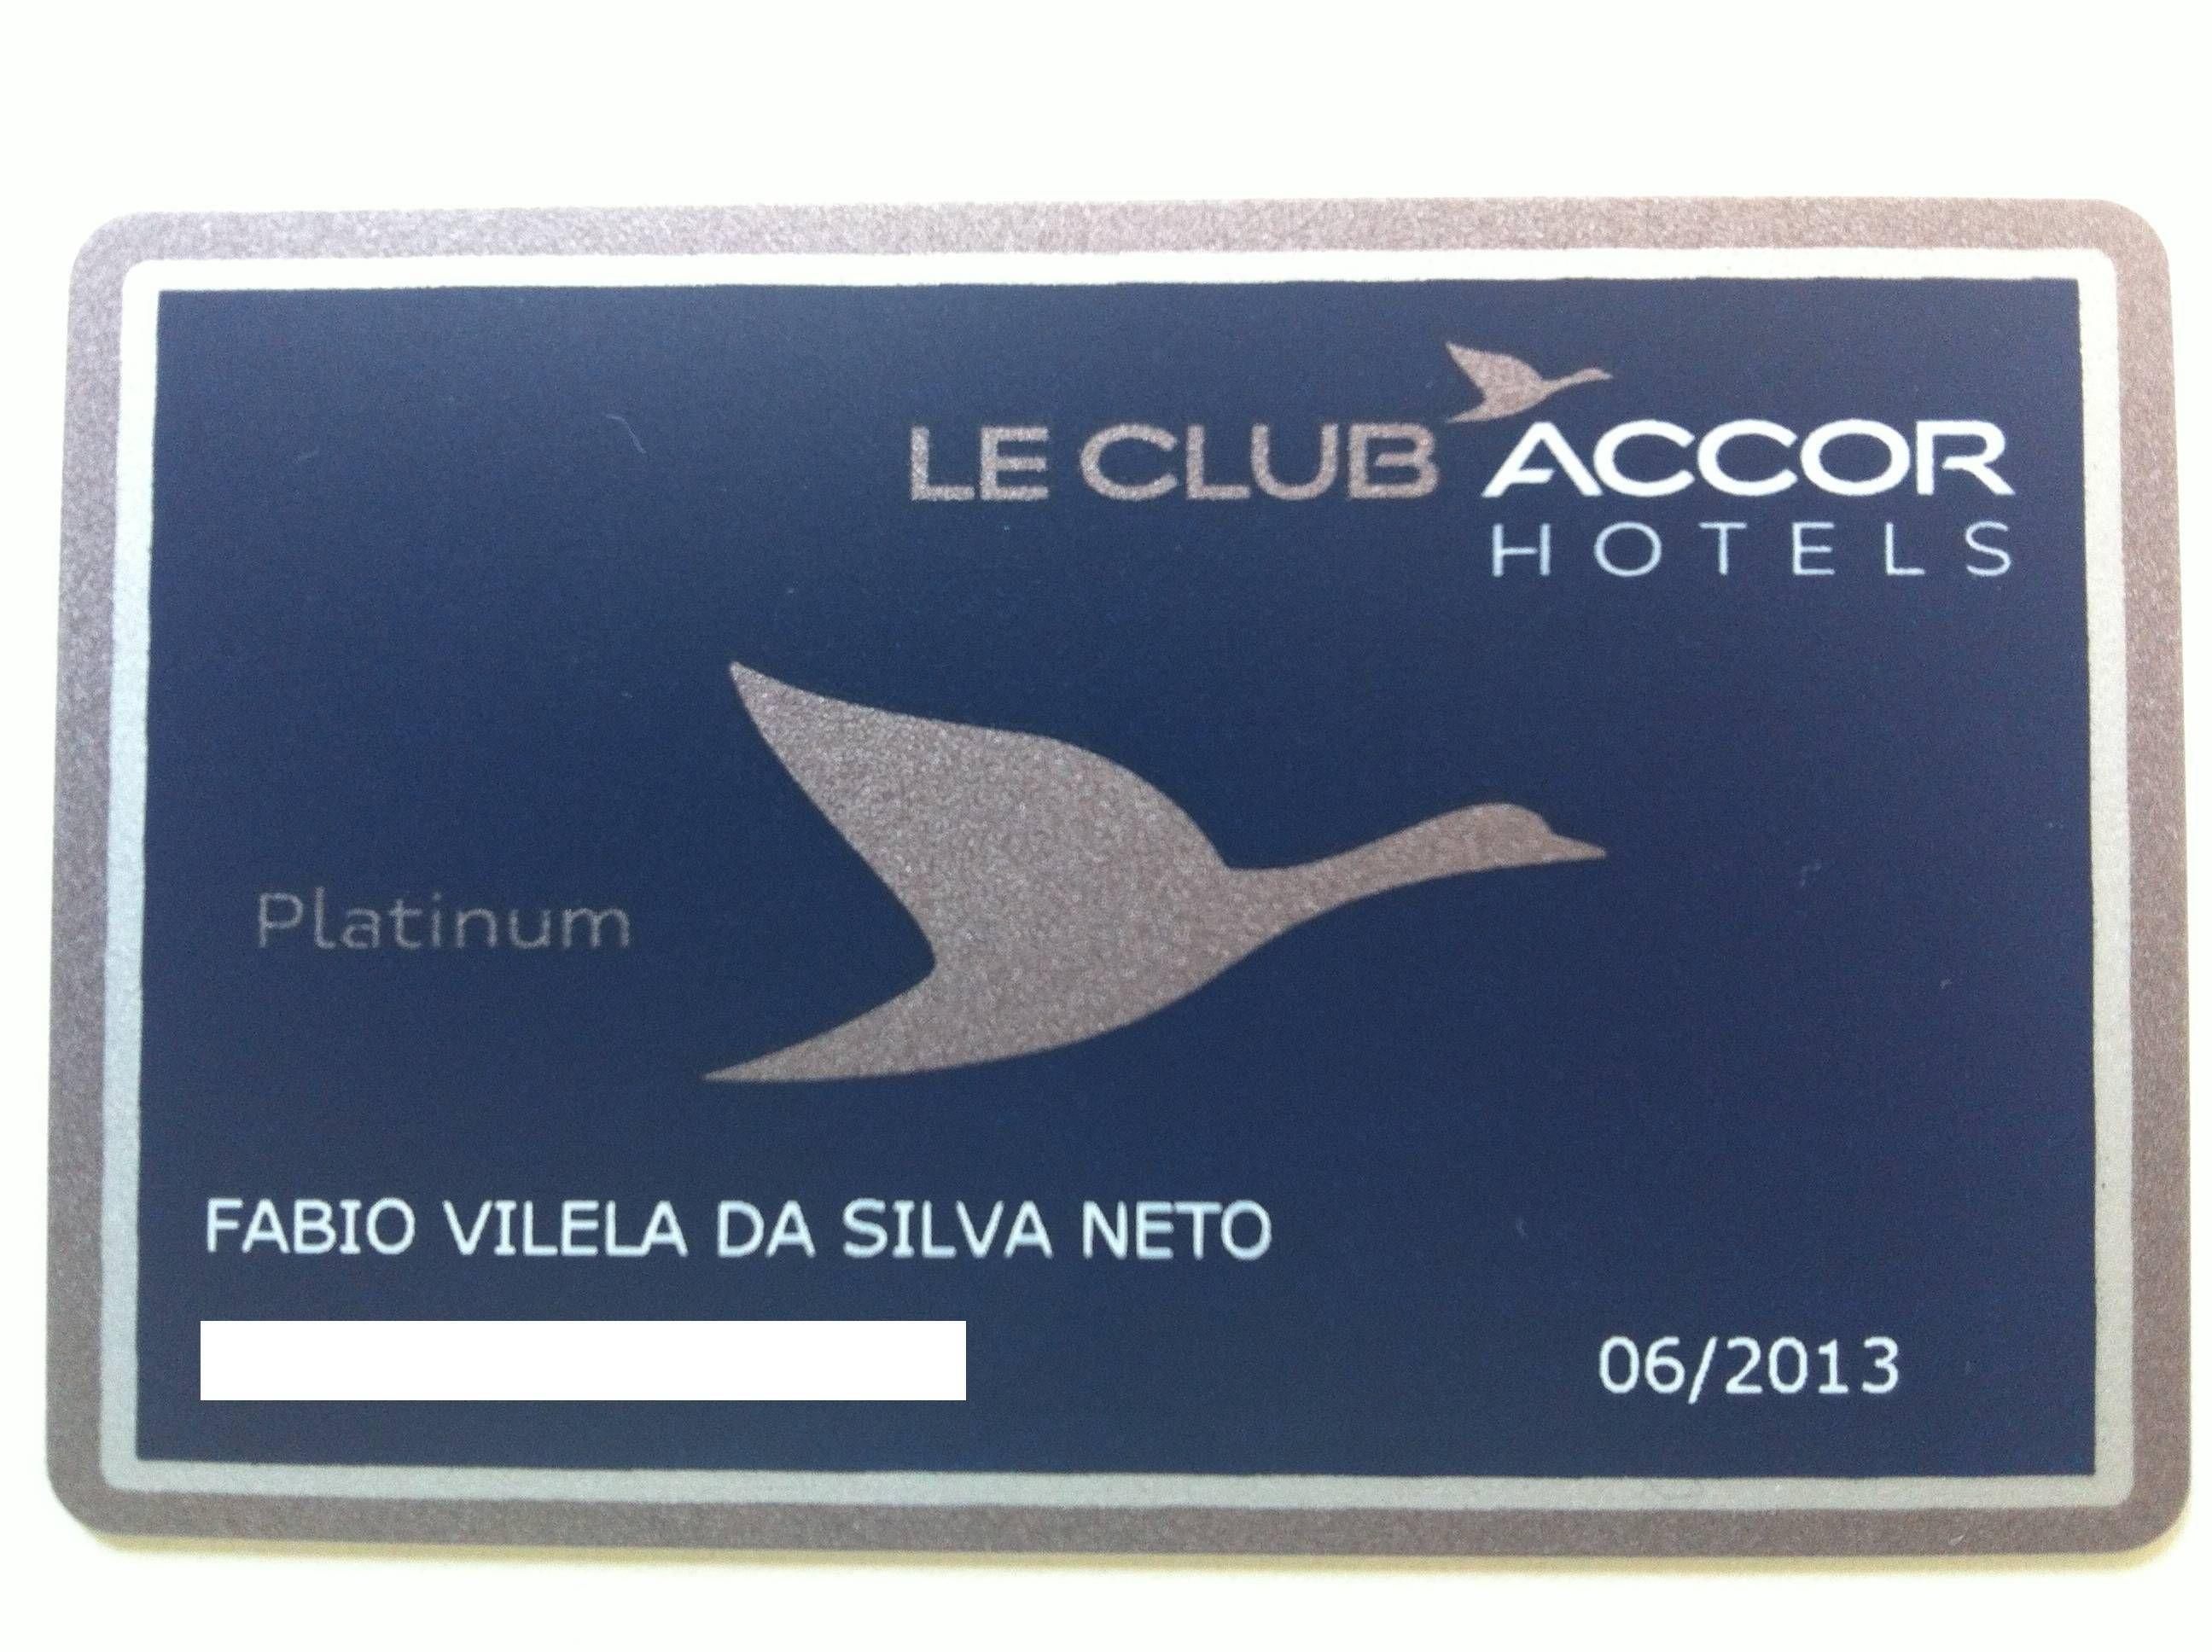 Cartão Le Club Platinum Accor Hotels – Kit de boas vindas